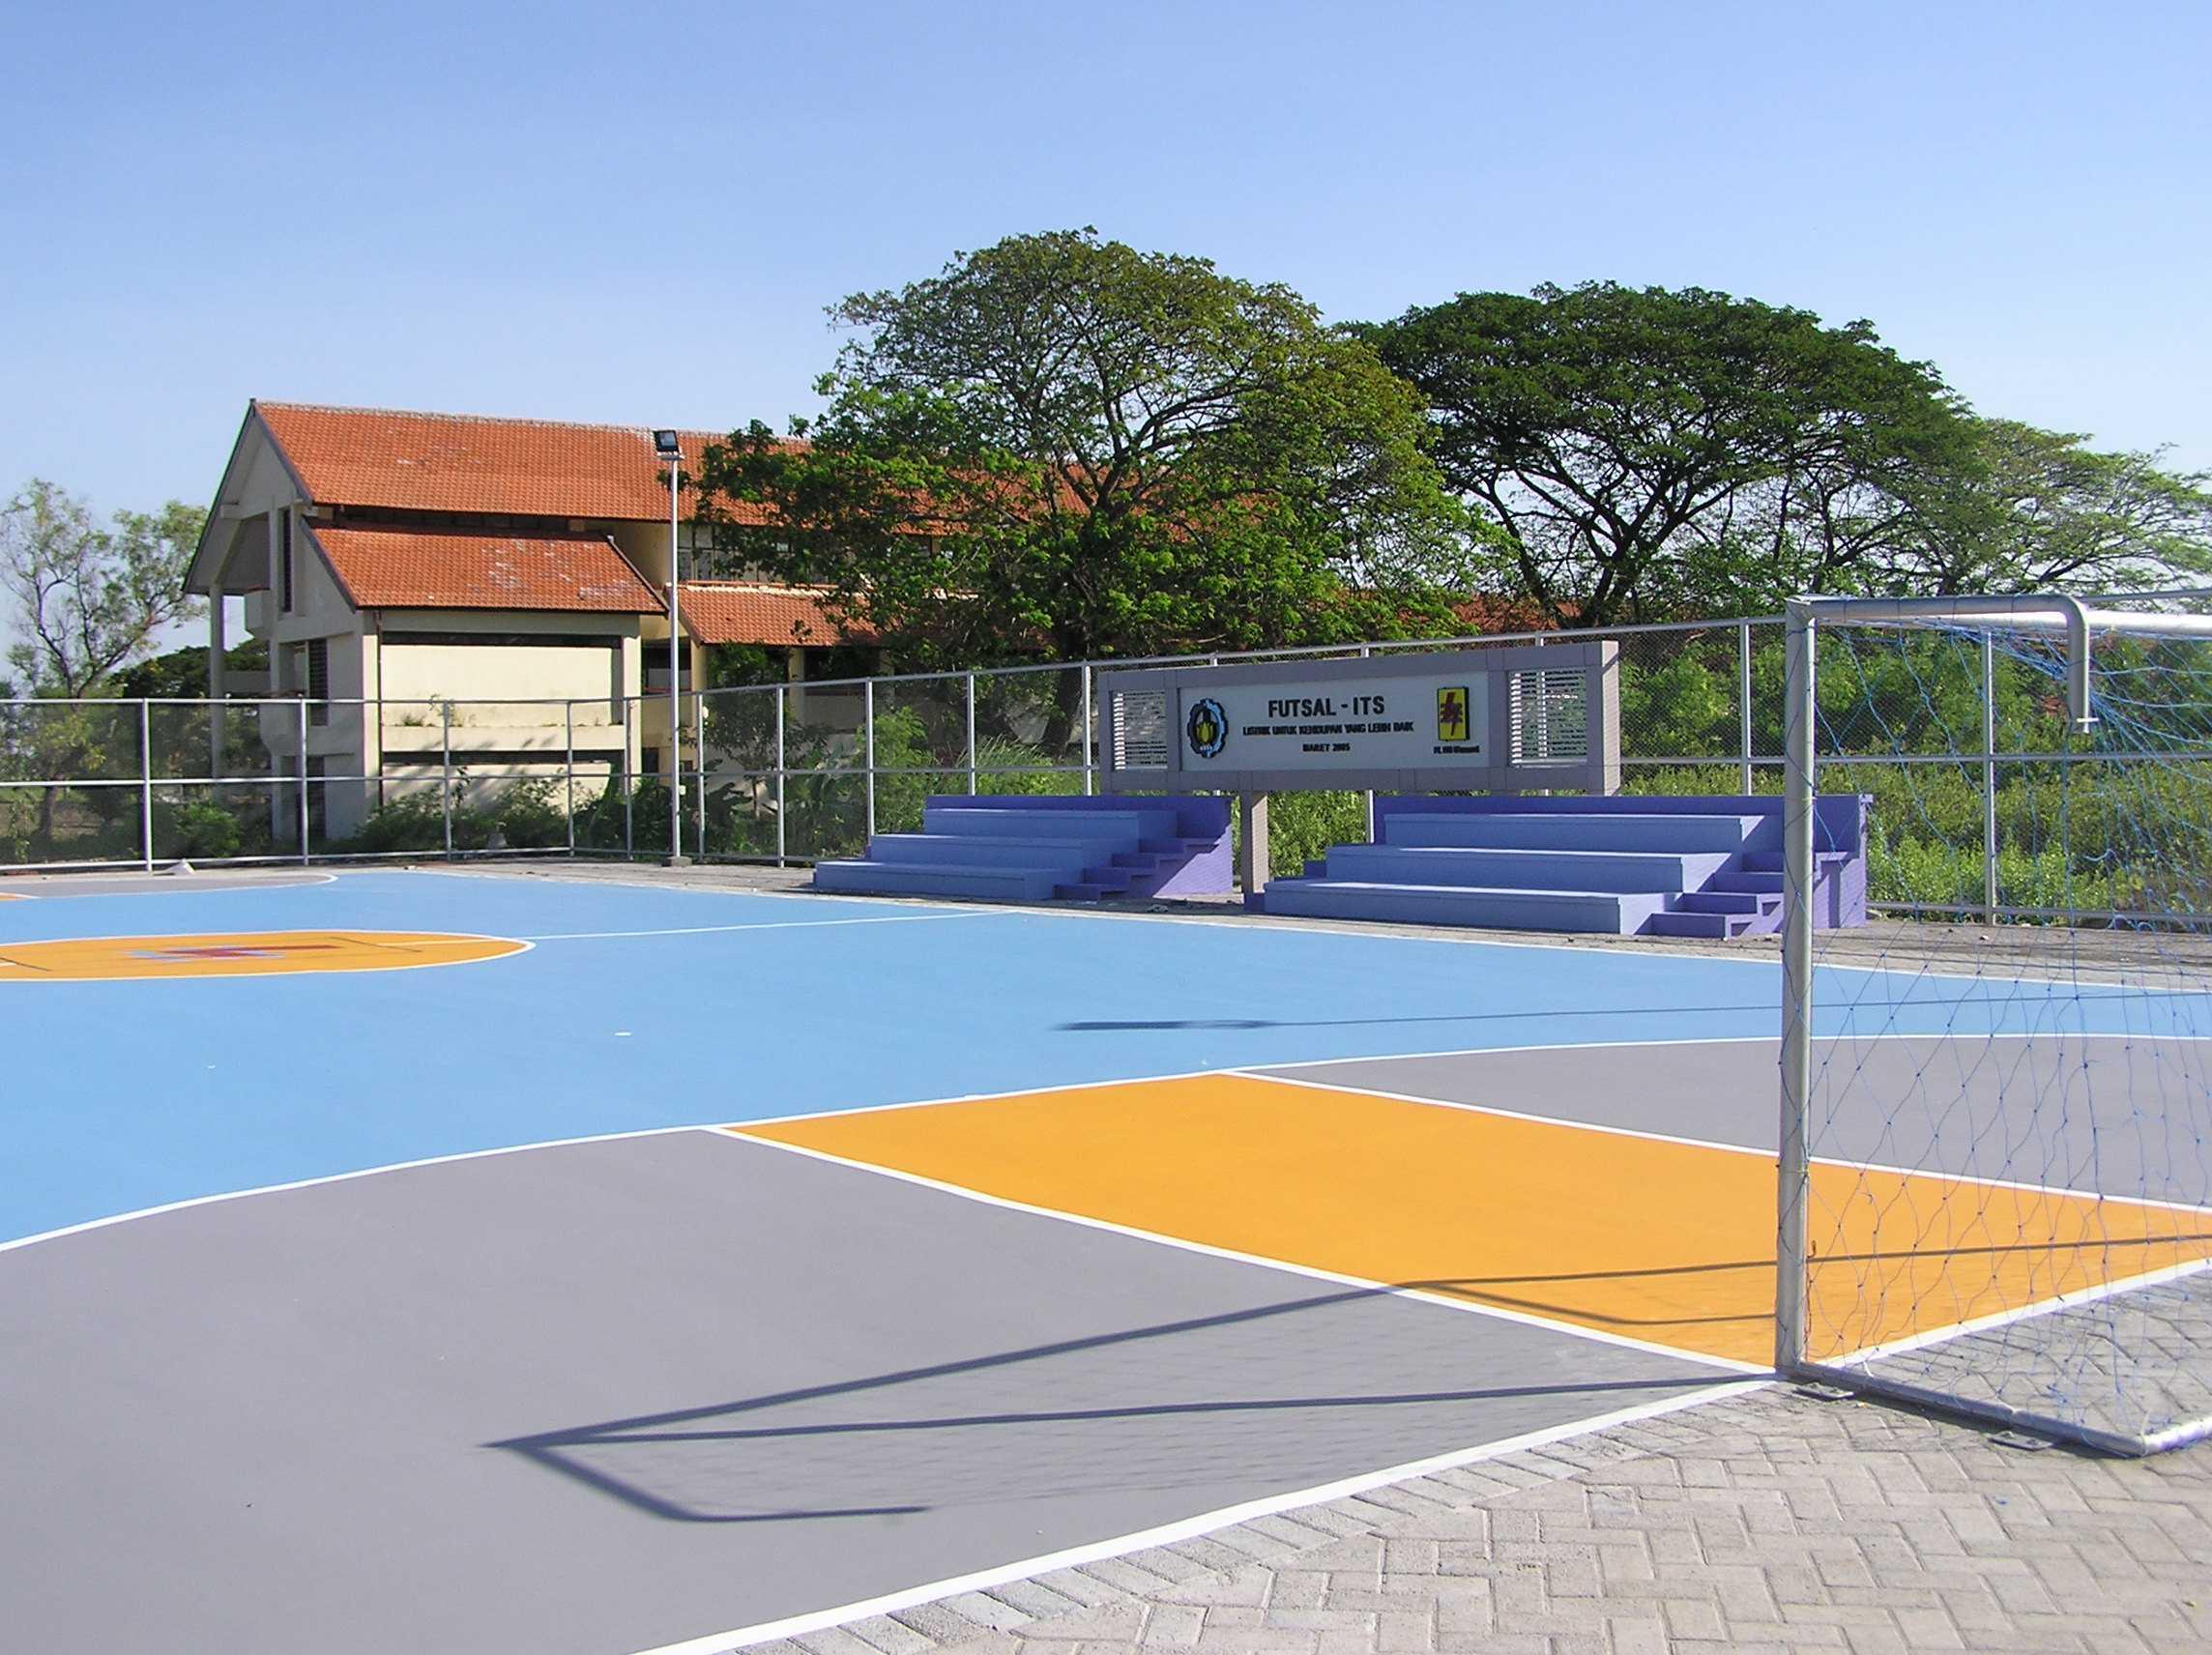 Ega Cipta Pratama Lapangan Futsal Its Kota Sby, Jawa Timur, Indonesia Kota Sby, Jawa Timur, Indonesia Ega-Cipta-Pratama-Lapangan-Futsal-Its   55443